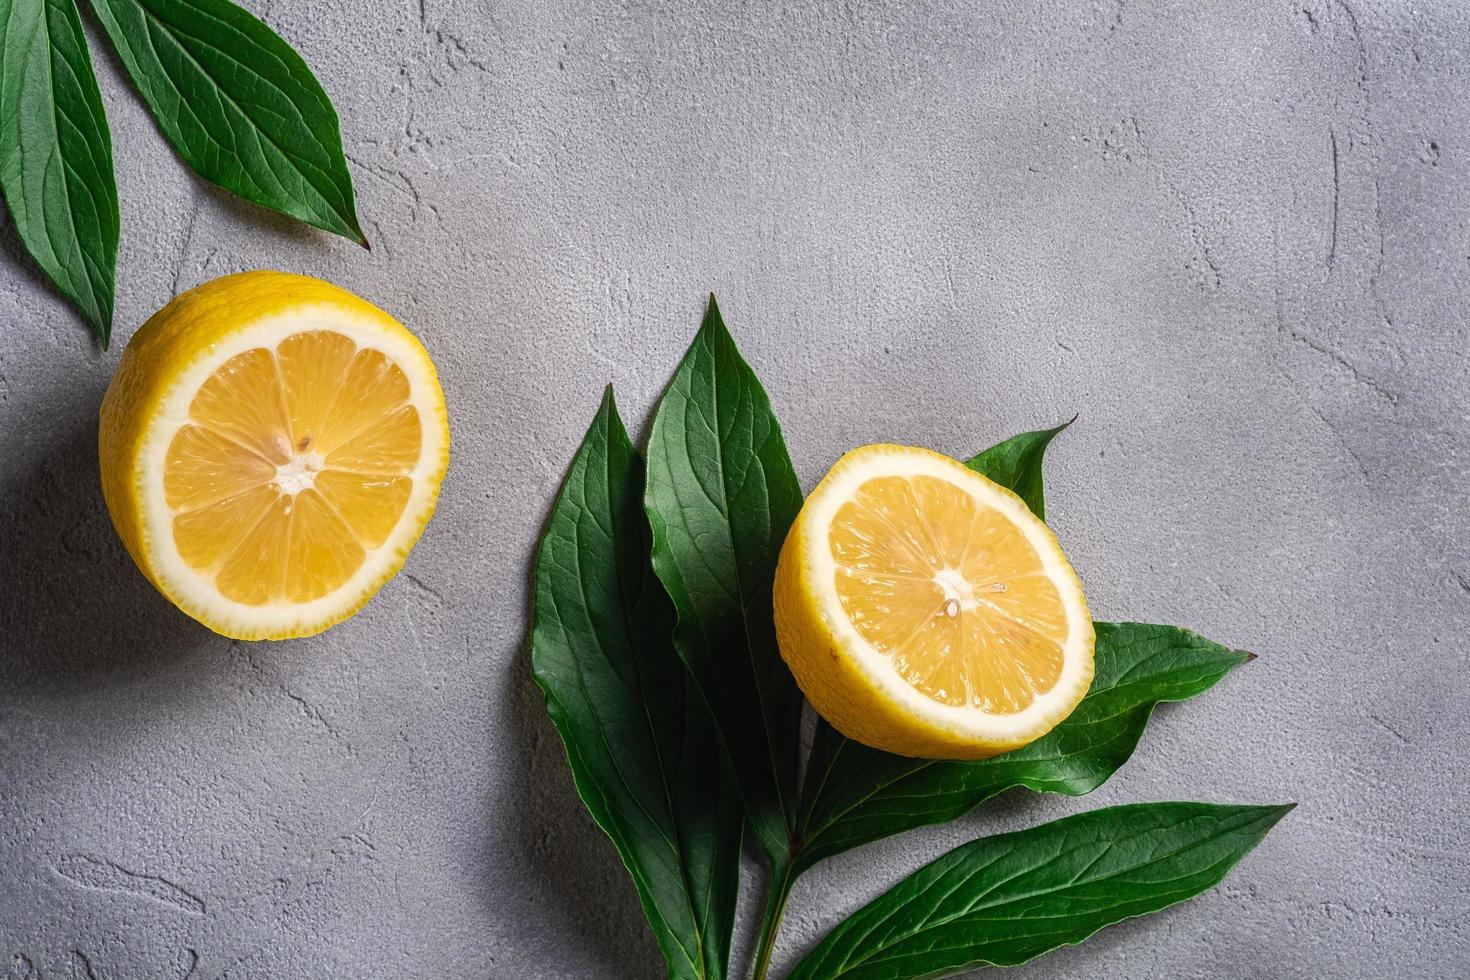 Dos rodajas de limón con hojas verdes sobre fondo de hormigón gris foto